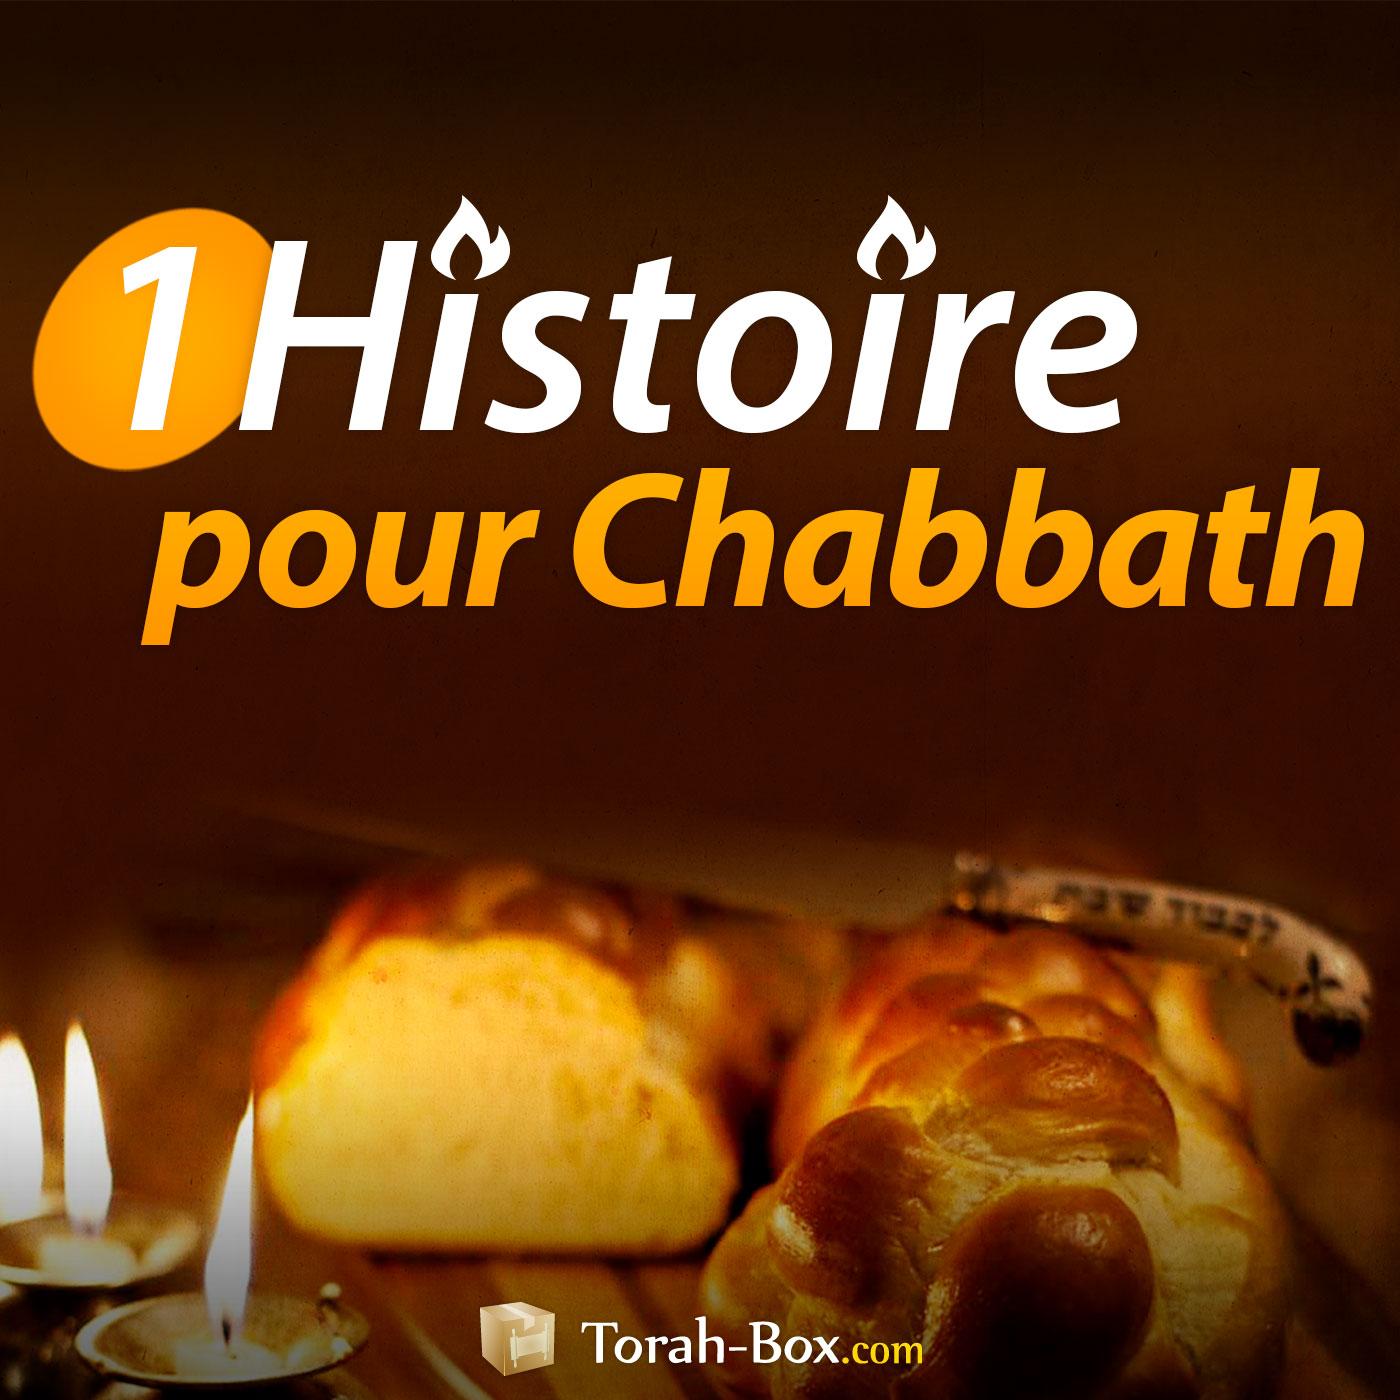 1 Histoire pour Chabbath